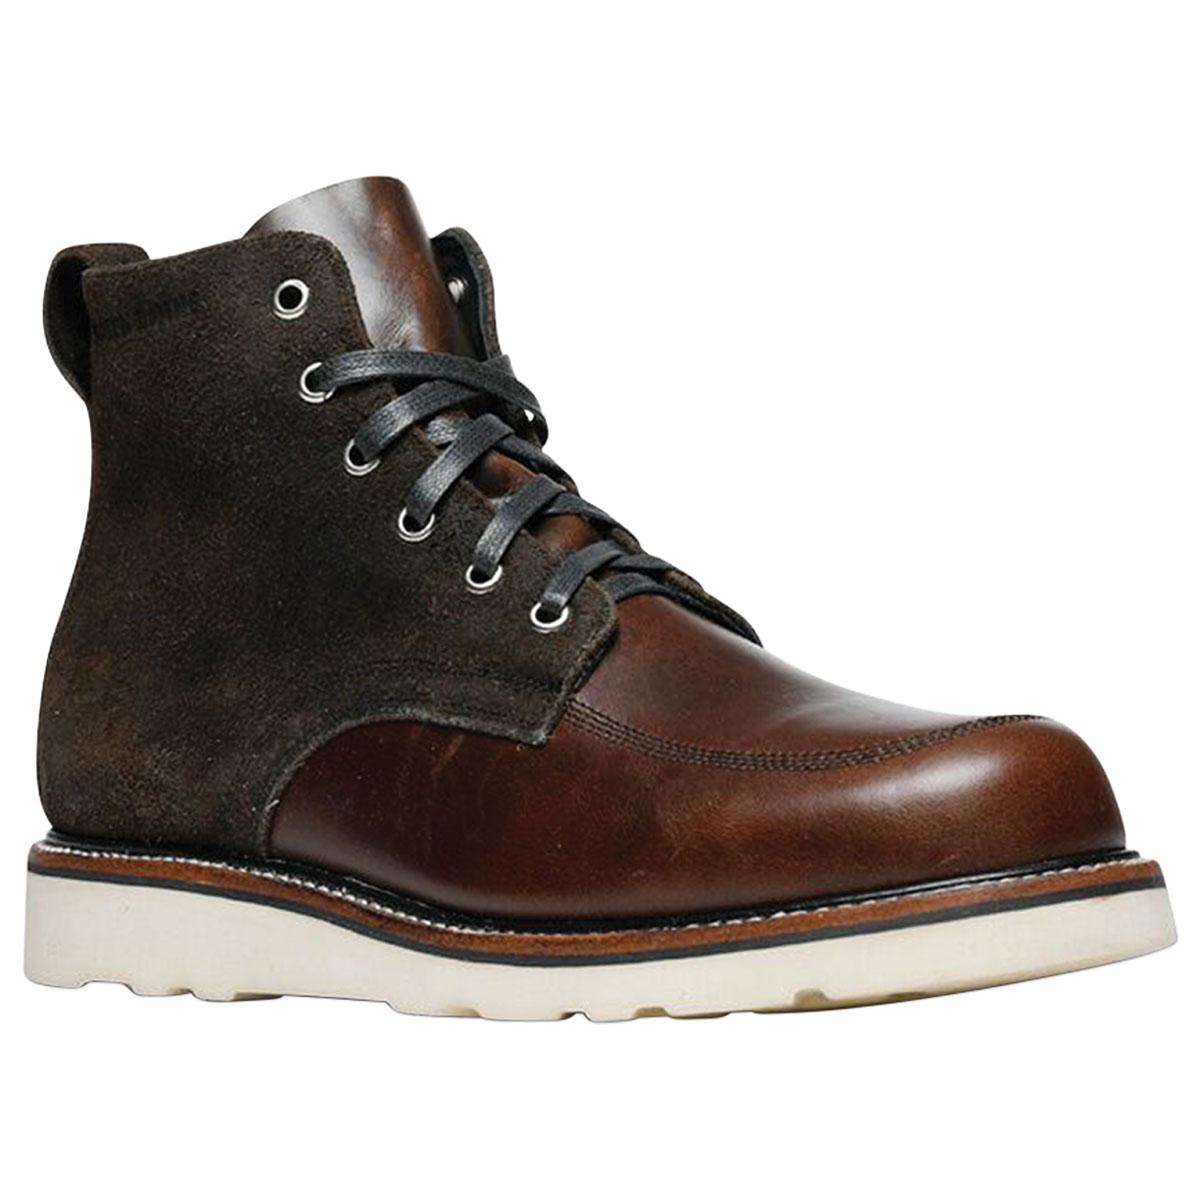 Broken Homme Men's Jamie Brown Leather Boots